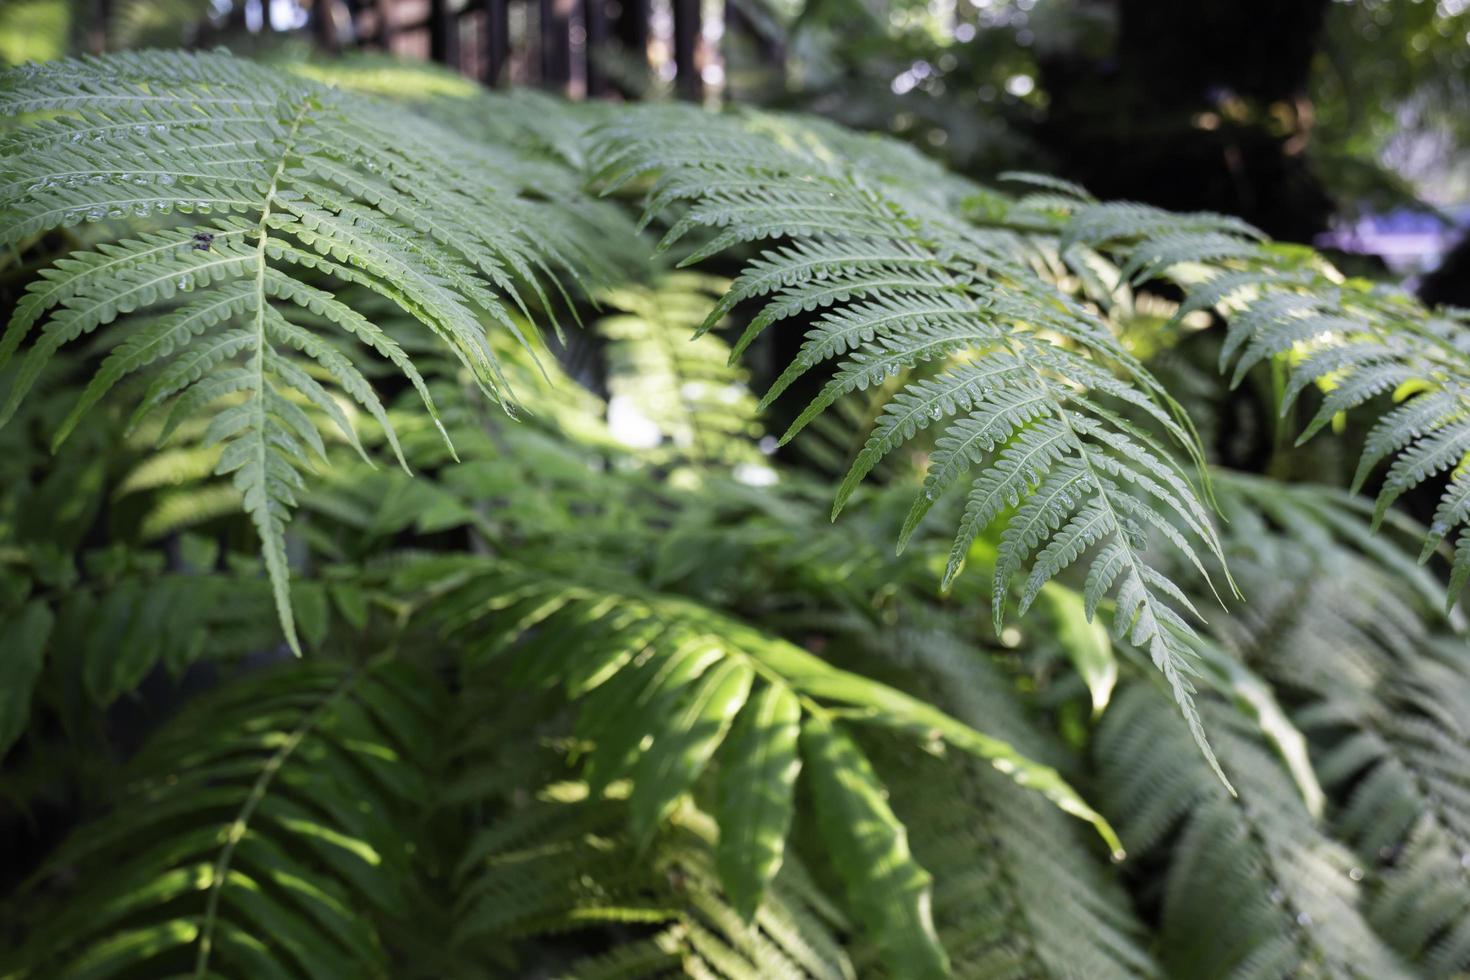 grande plante de fougère dans le jardin photo